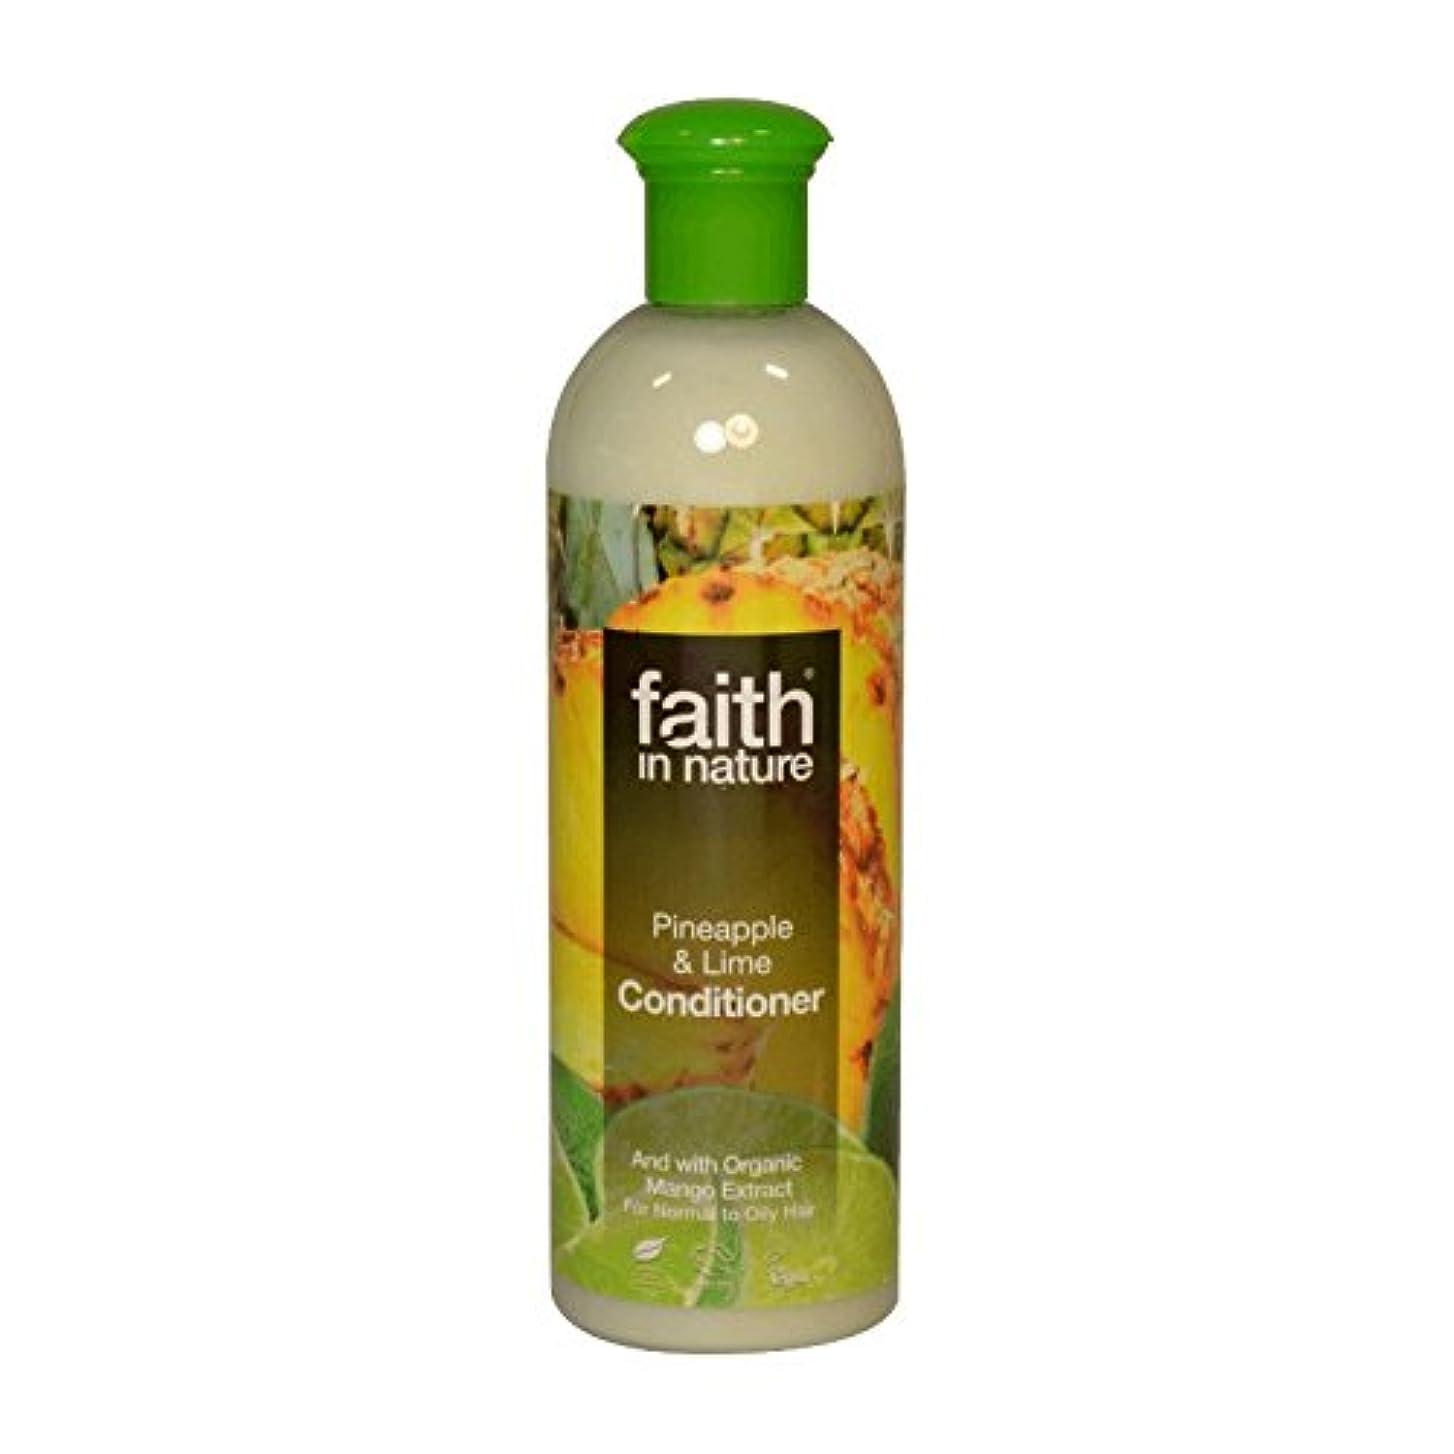 答え溶けた用語集Faith in Nature Pineapple & Lime Conditioner 400ml (Pack of 6) - 自然パイナップル&ライムコンディショナー400ミリリットルの信仰 (x6) [並行輸入品]